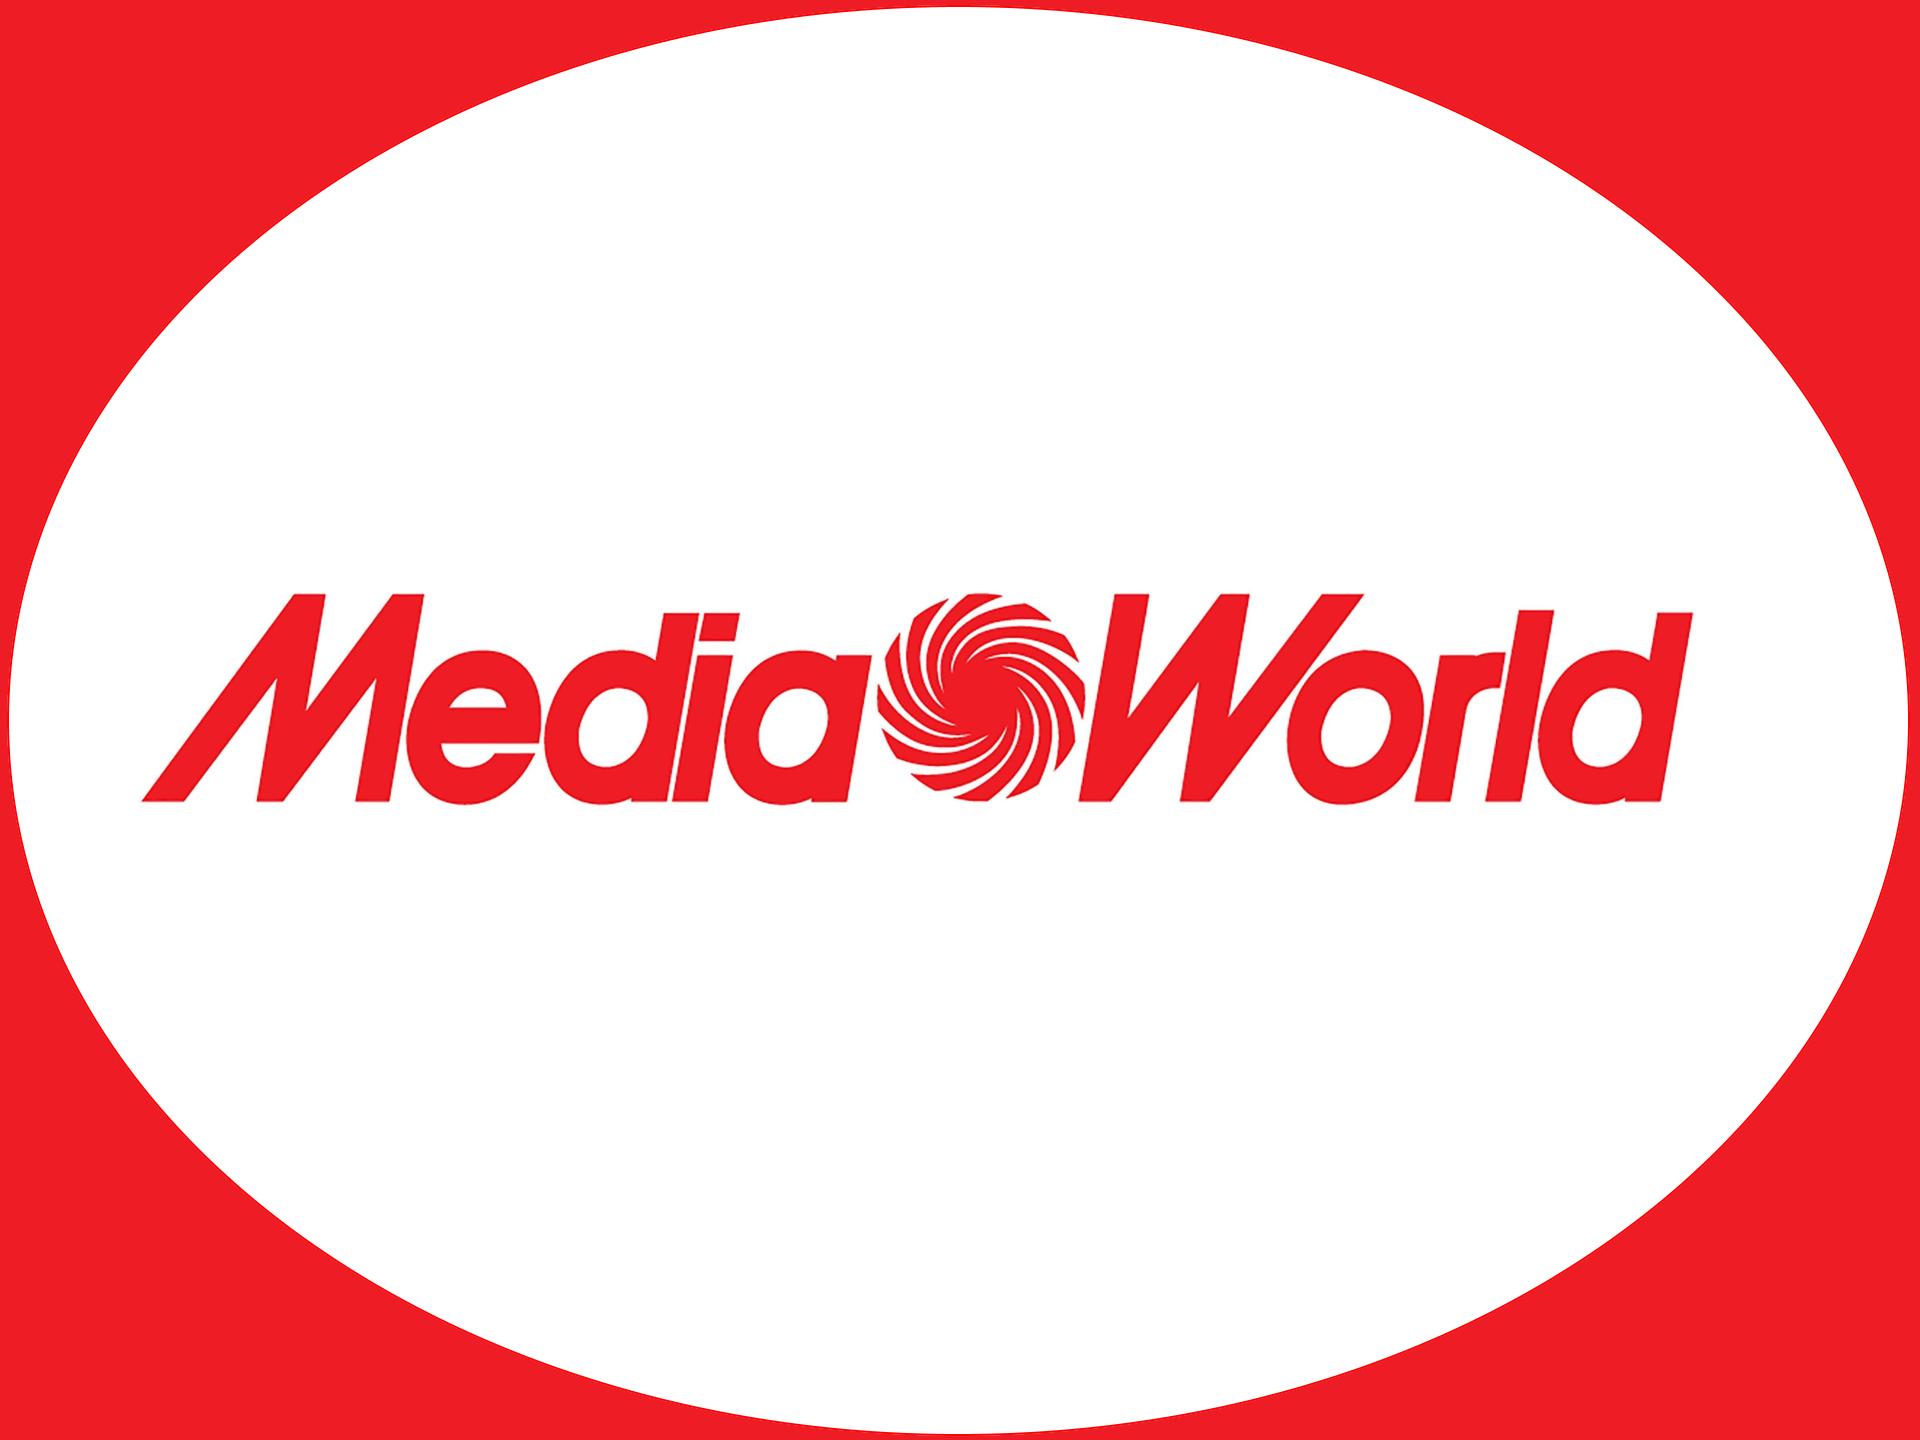 Le offerte Solo per oggi di MediaWorld comprendono smartphon